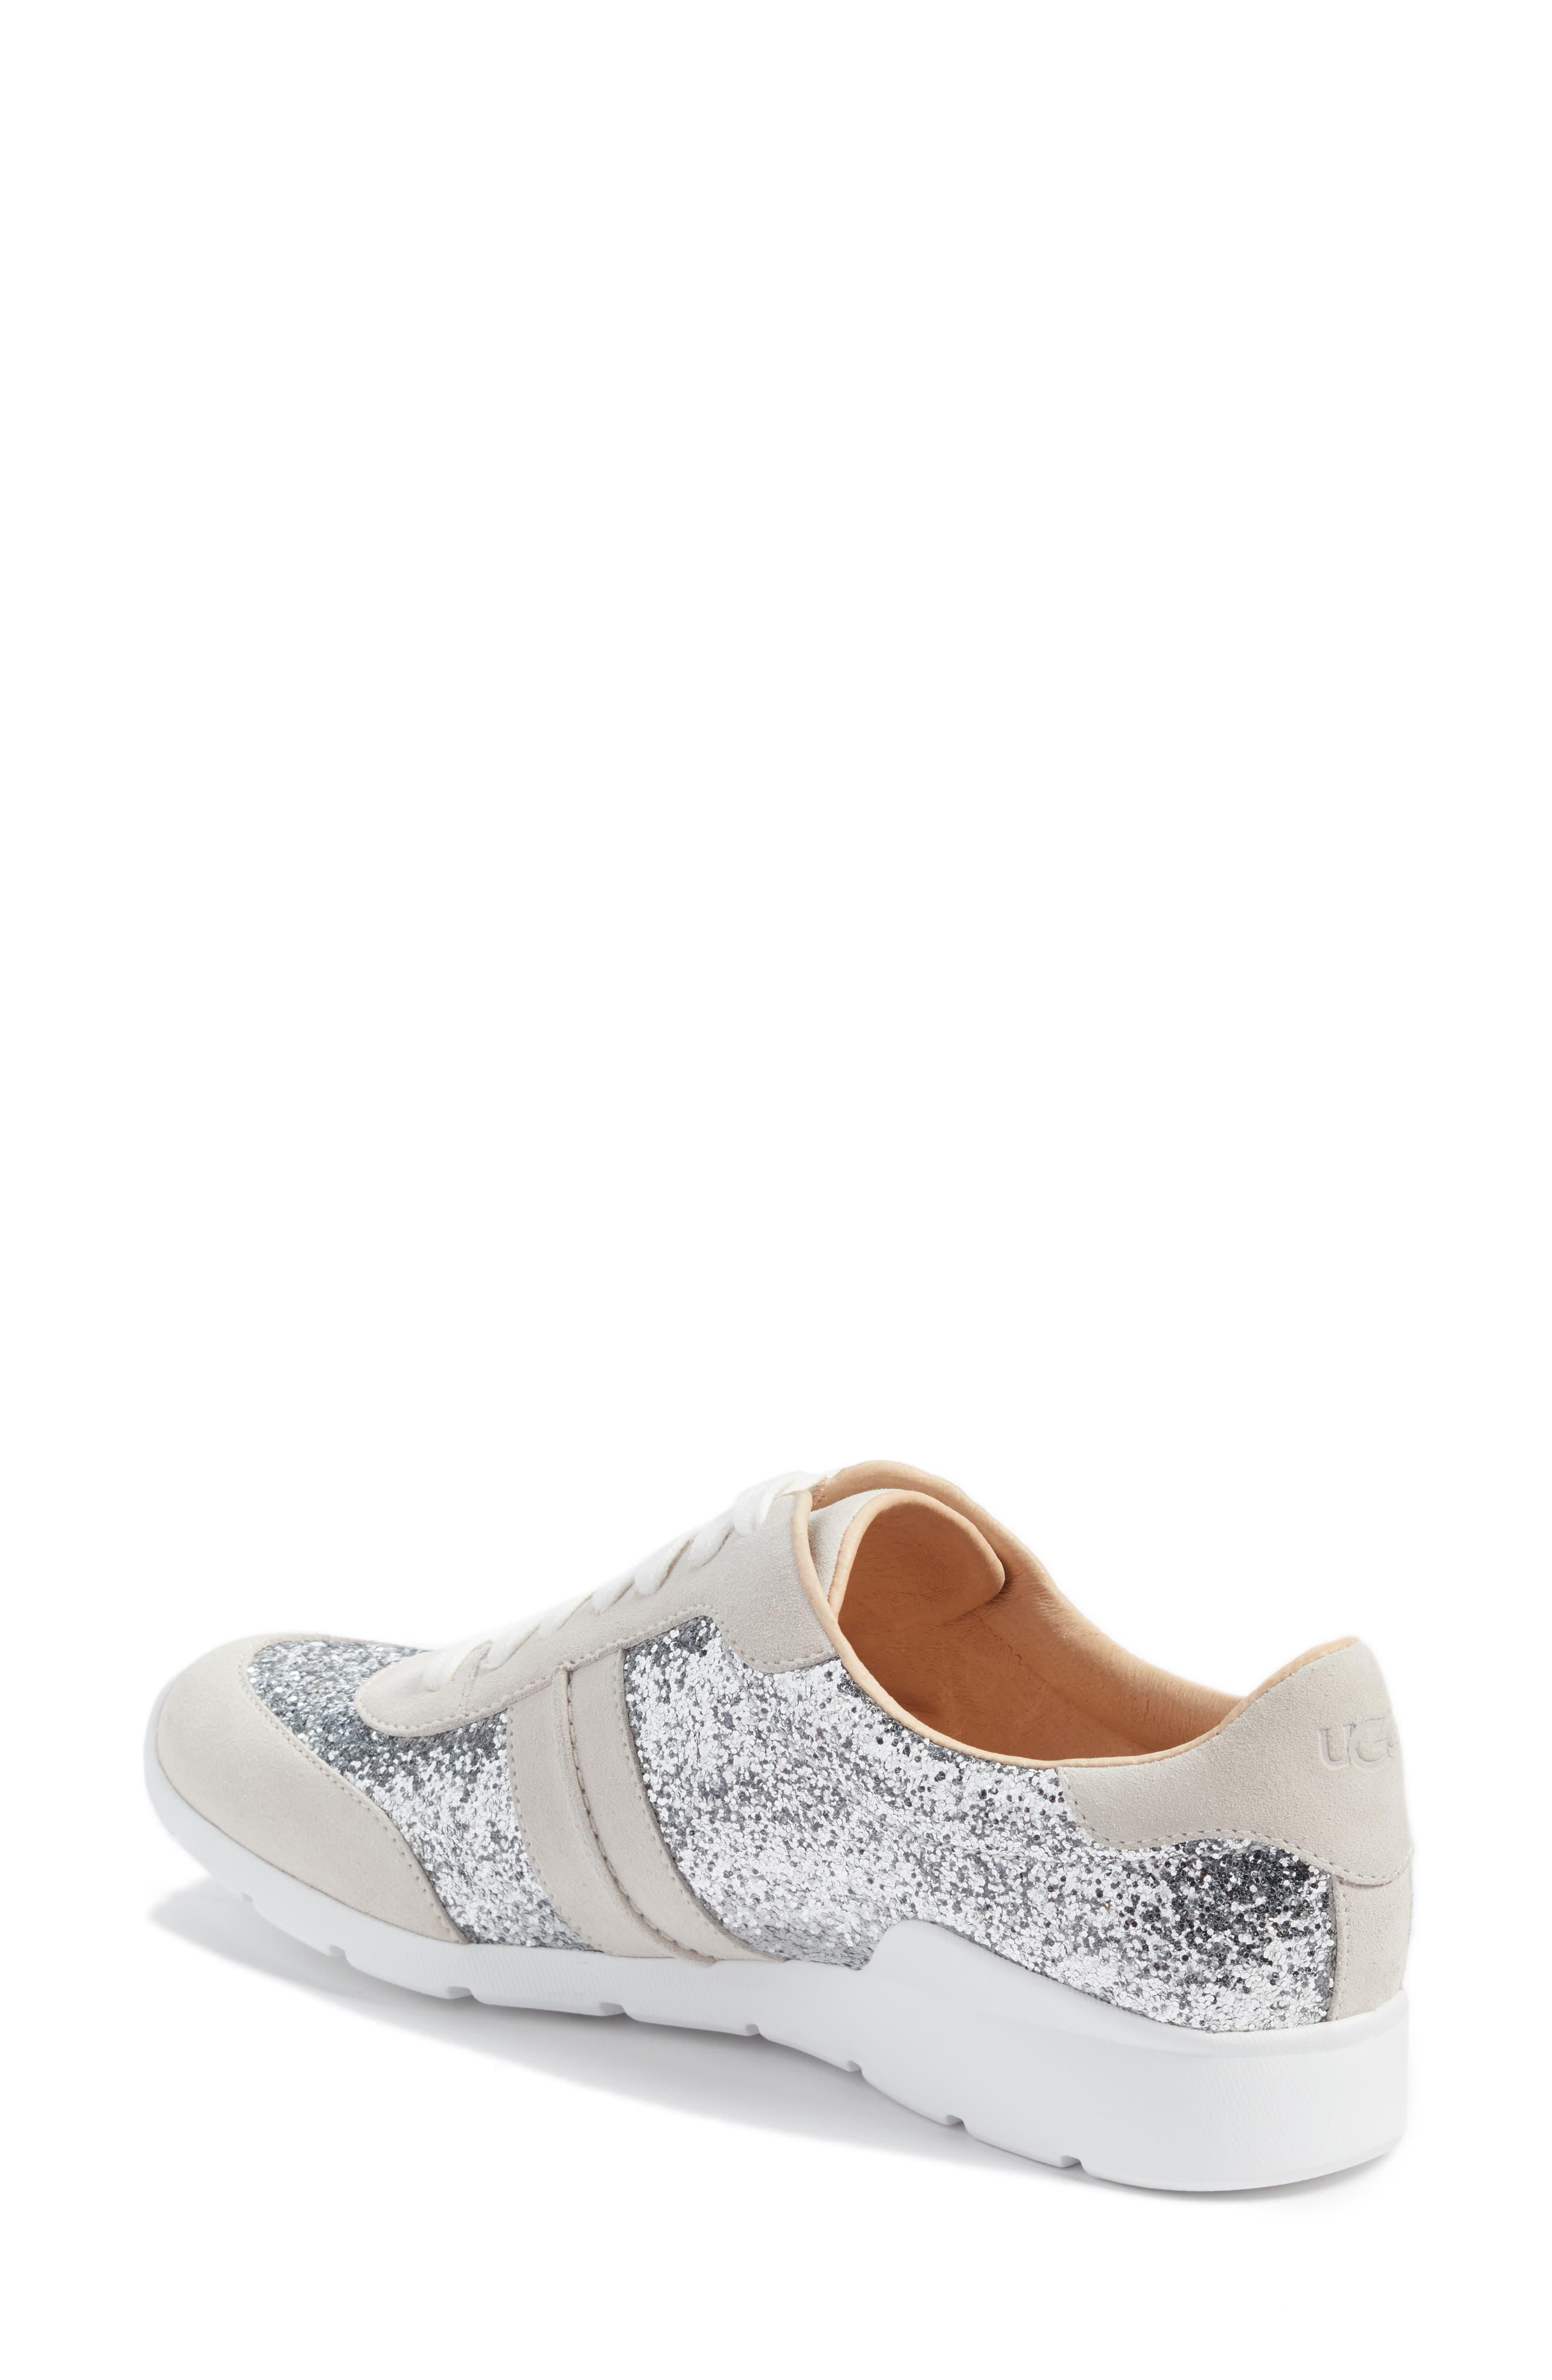 Jaida Glitter Sneaker,                             Alternate thumbnail 2, color,                             040